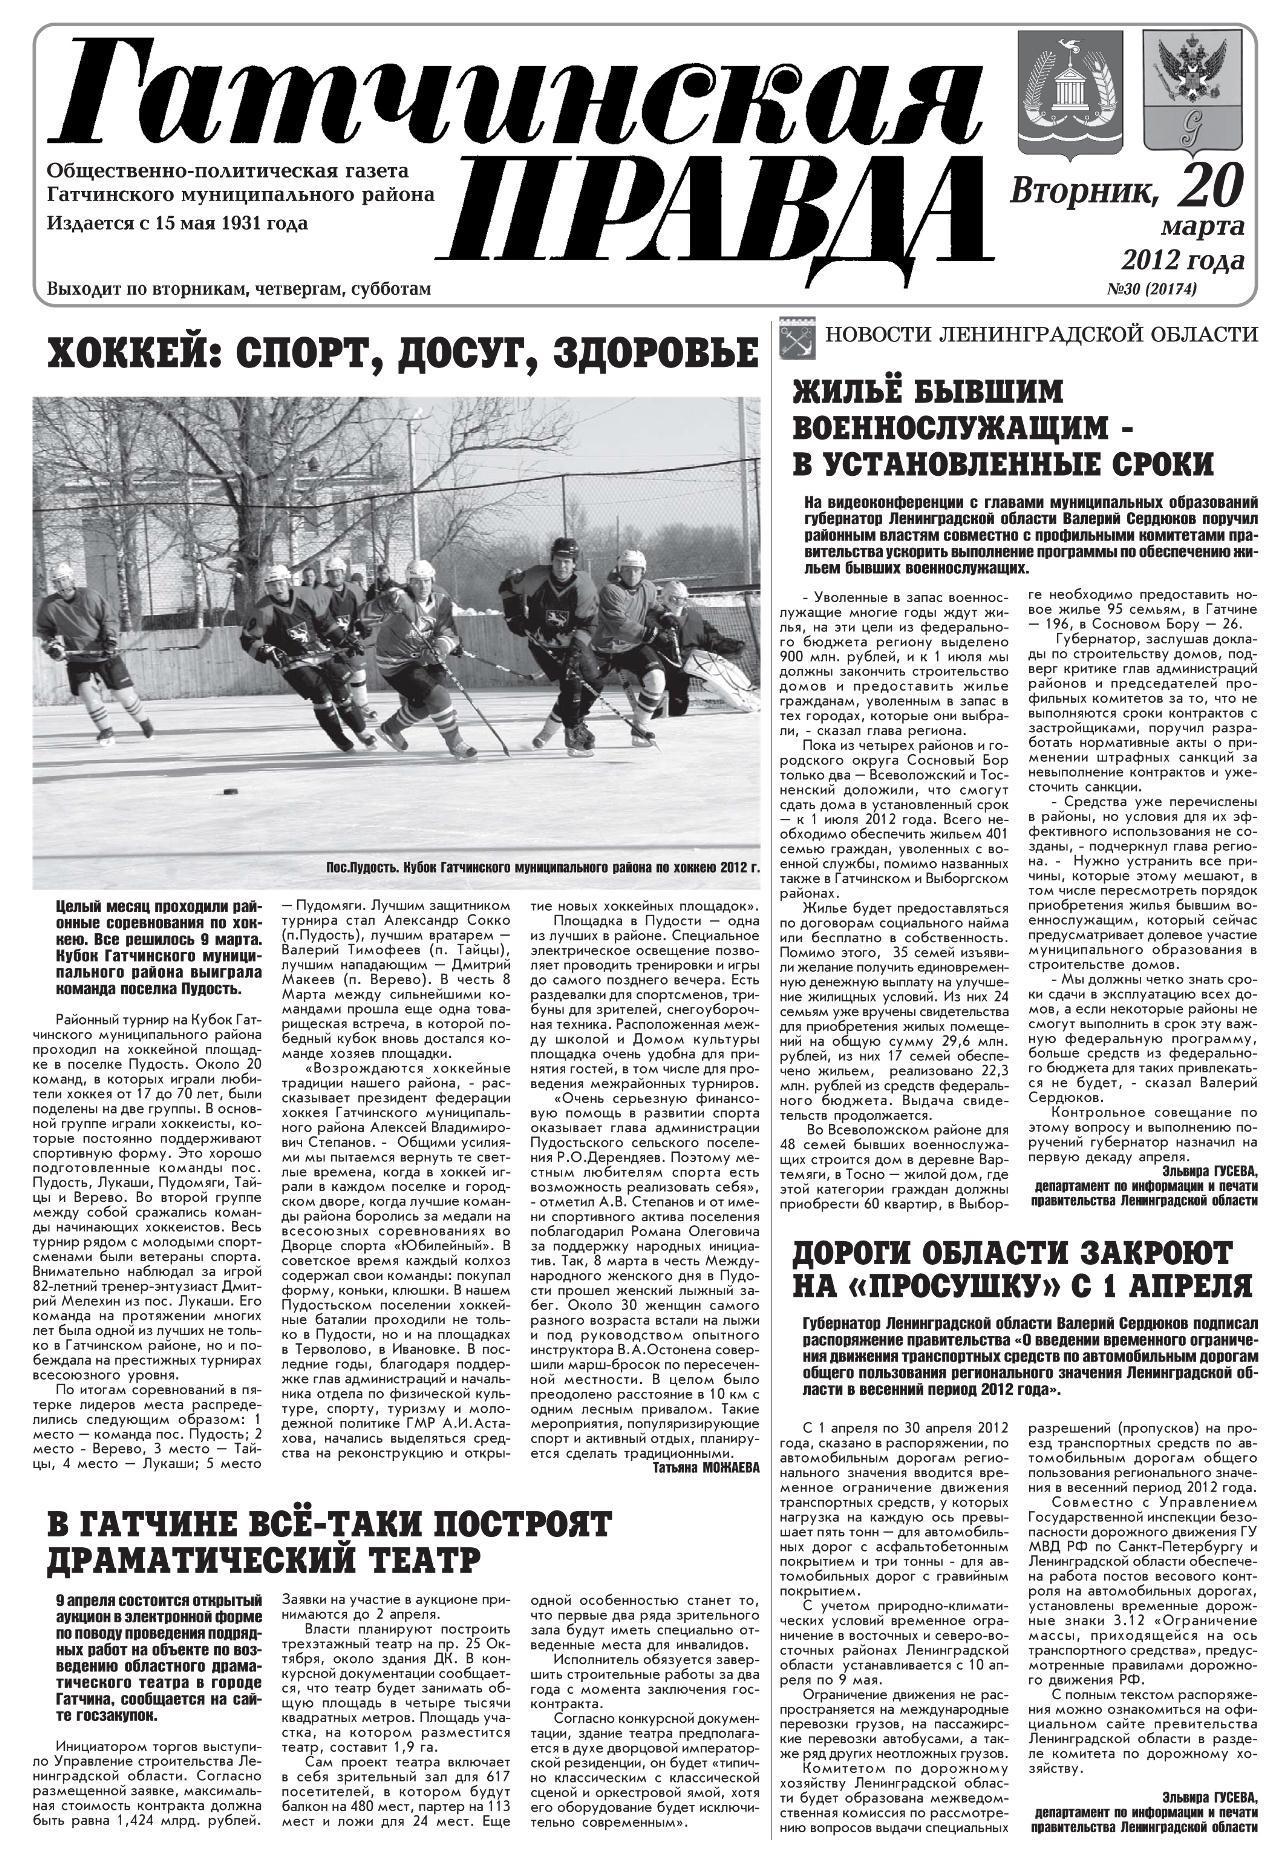 Гатчинская правда №30 от 20 марта 2012 года